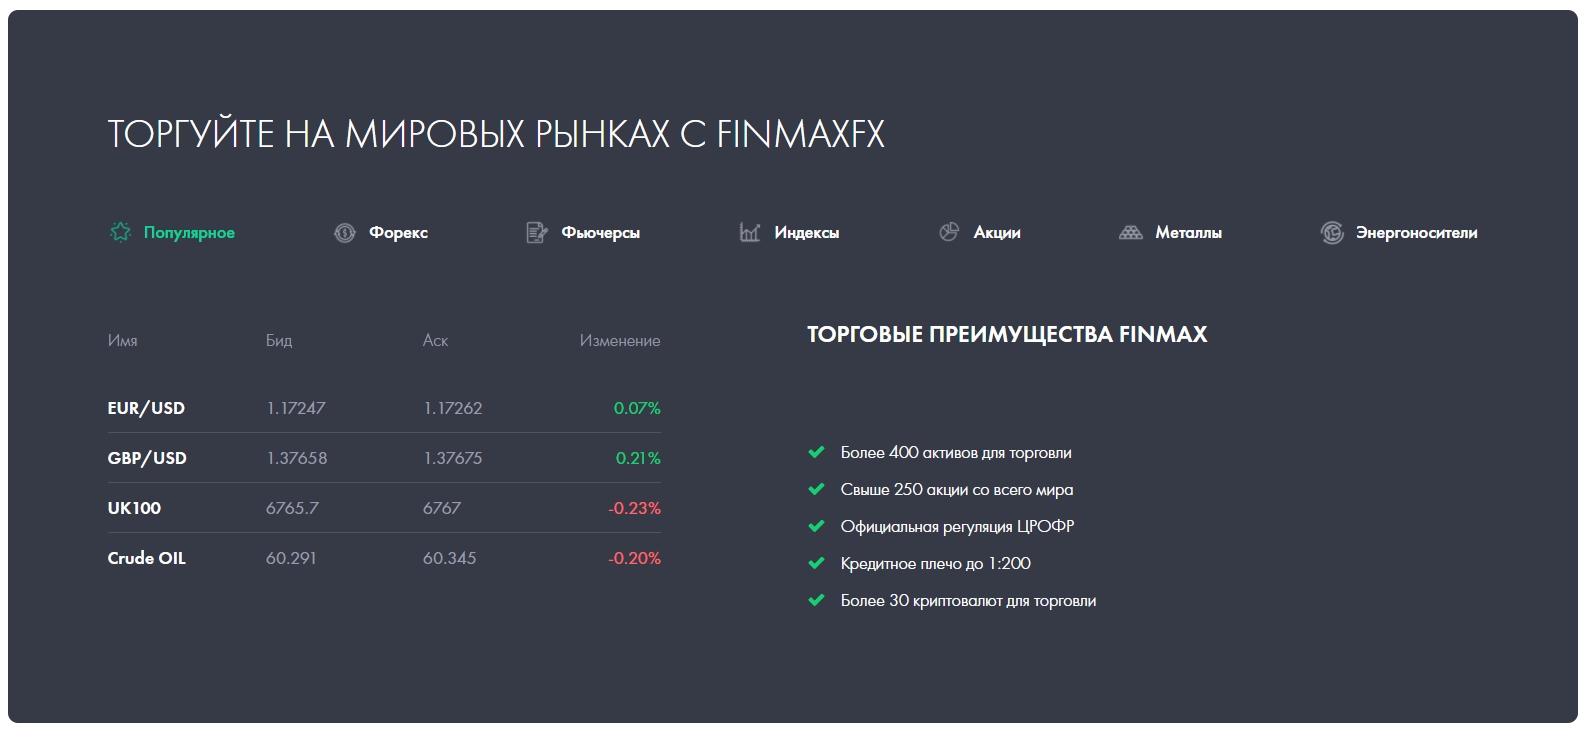 лицензия FinmaxFX